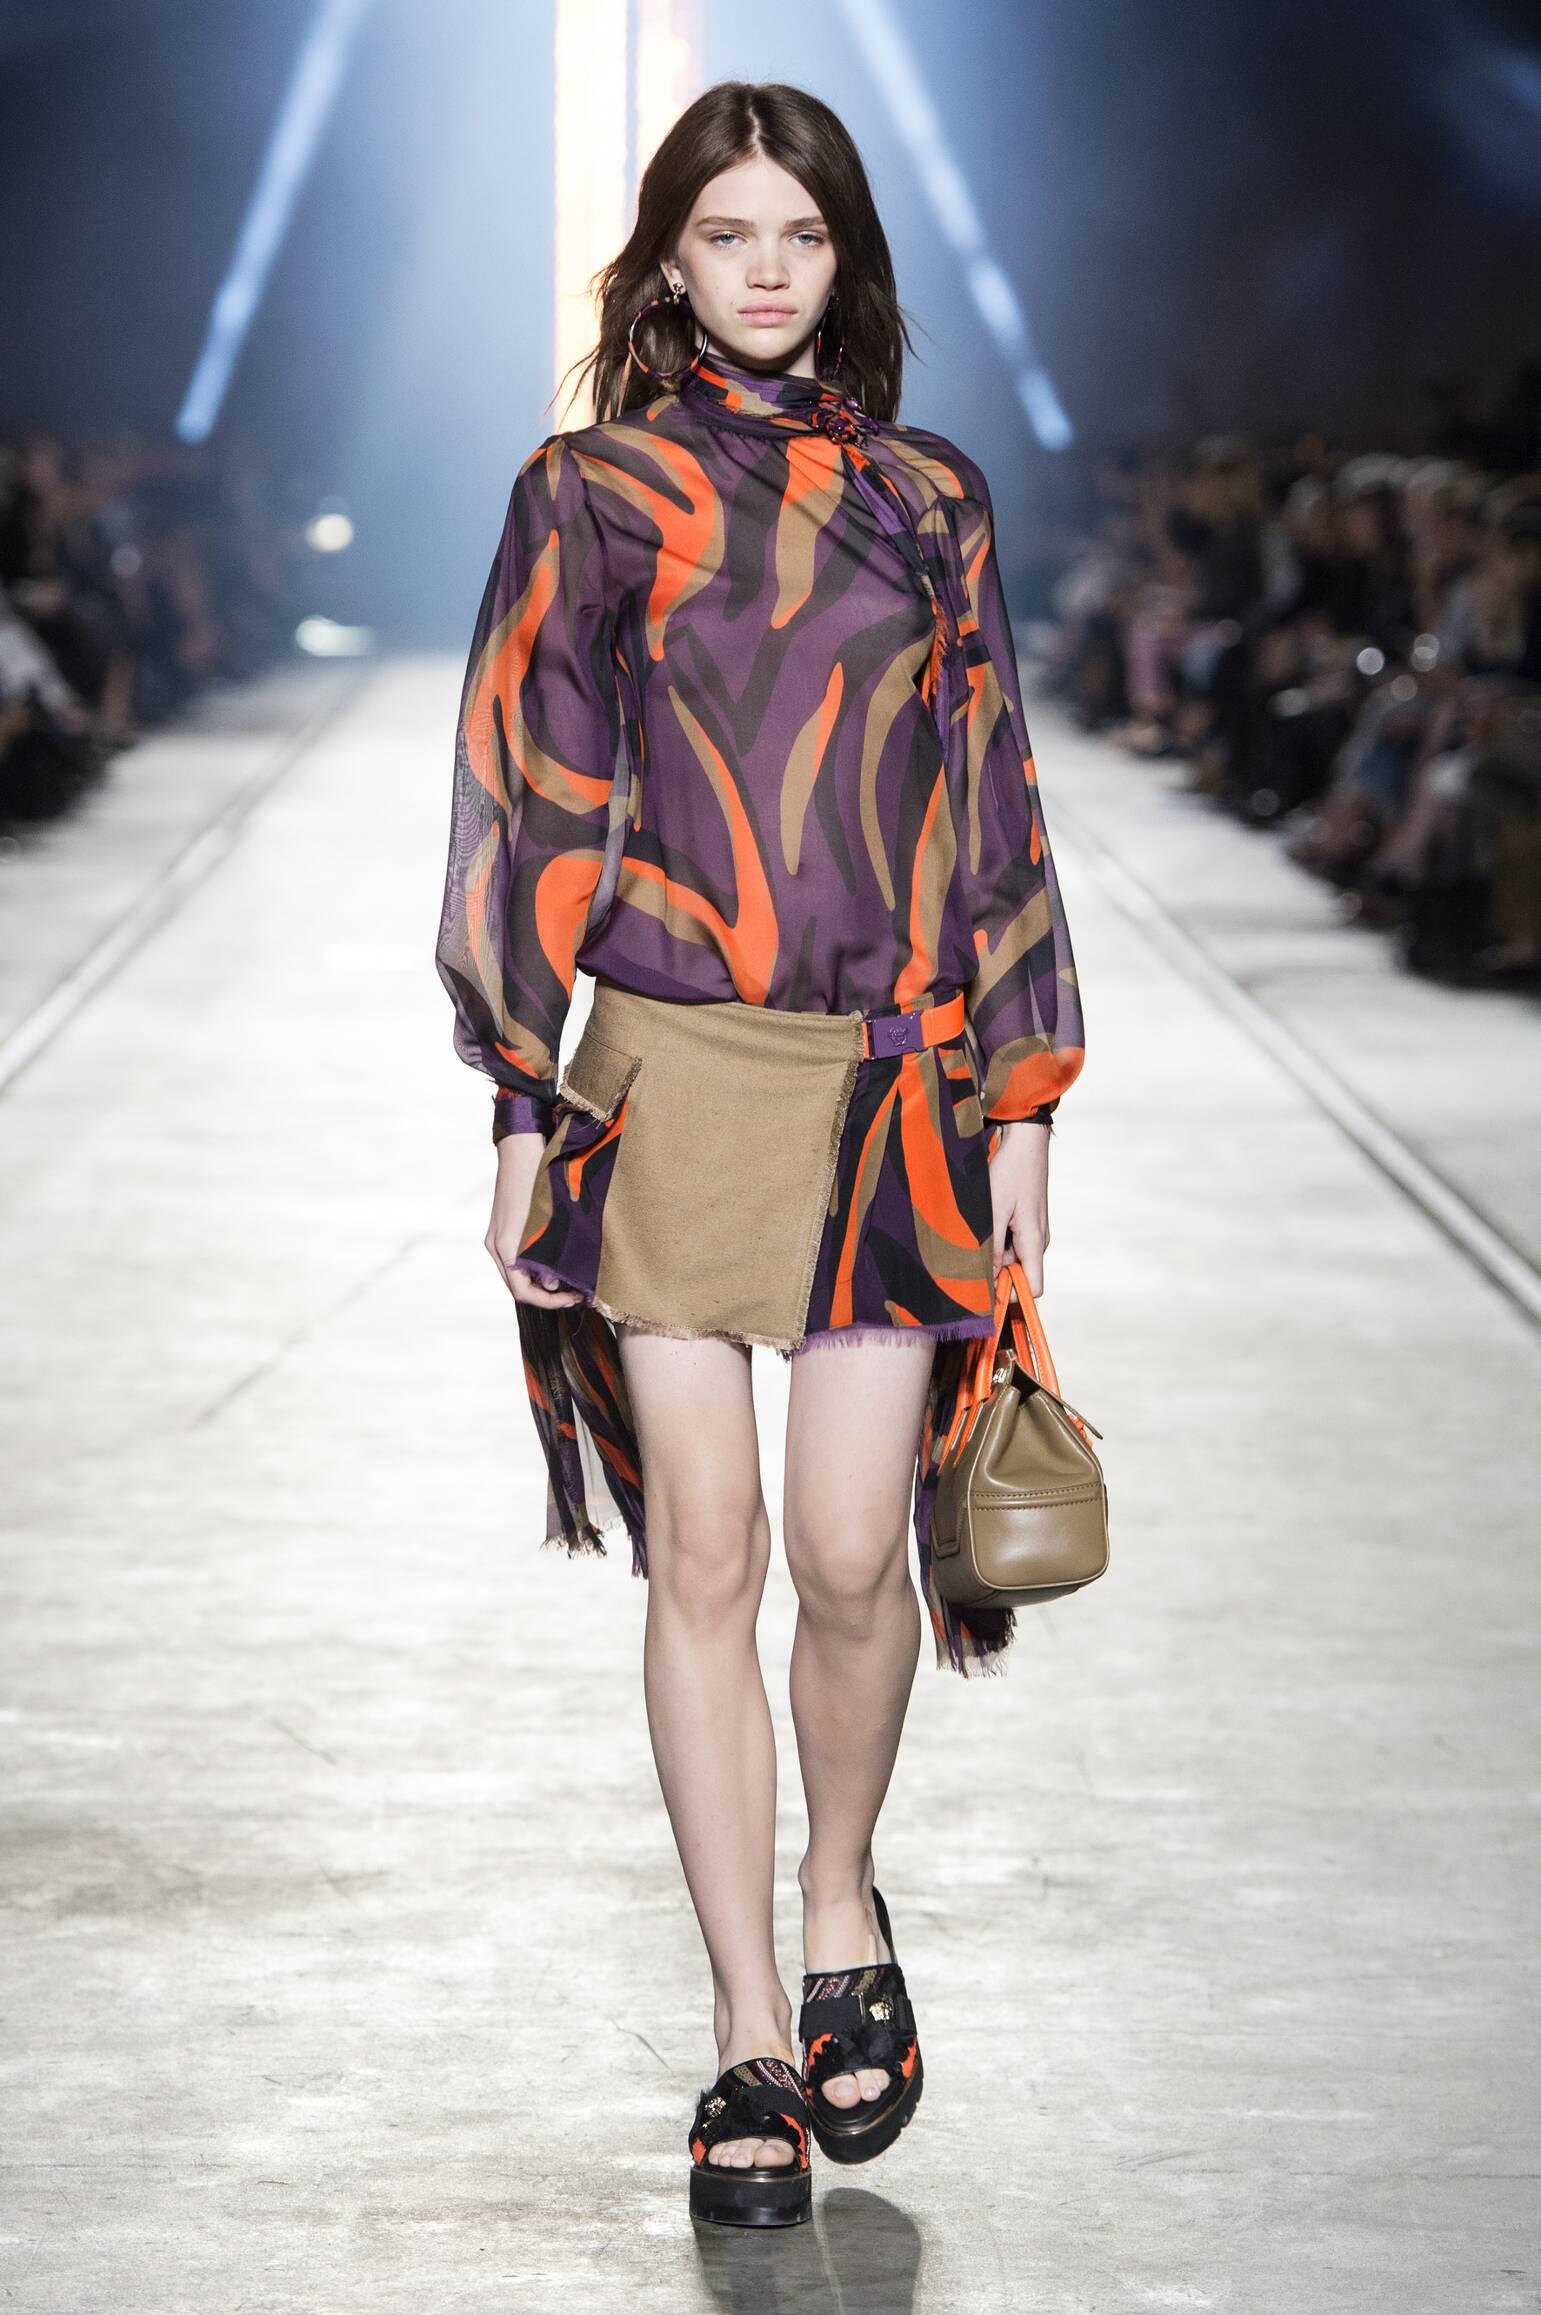 2016 Versace Summer Catwalk